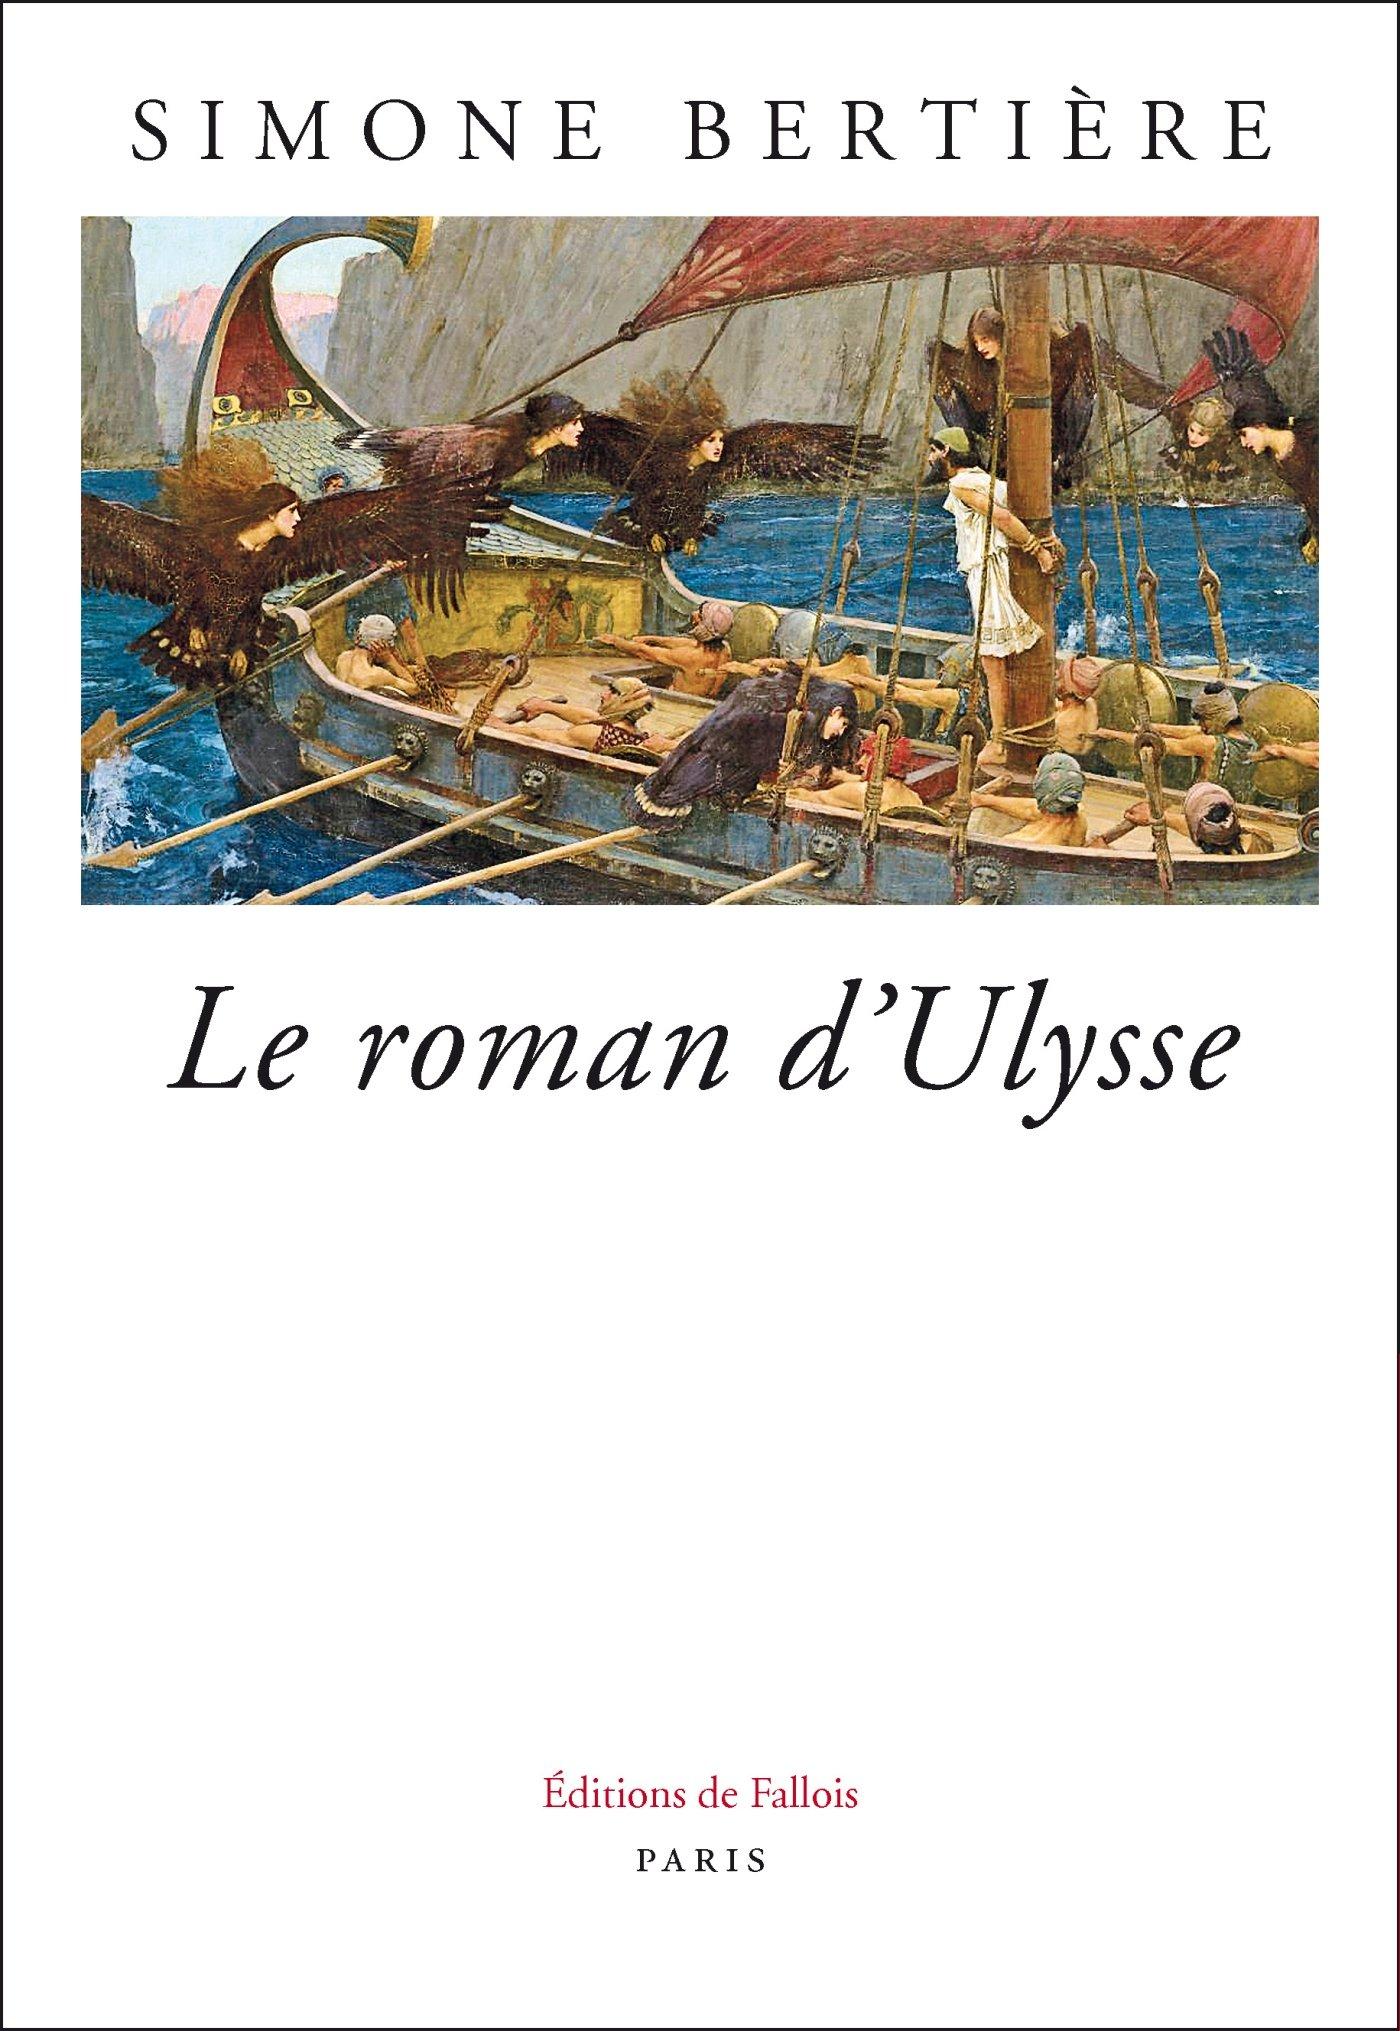 Le roman d'Ulysse Broché – 18 octobre 2017 Simone BERTIÈRE Le roman d' Ulysse Editions de Fallois 2877069869